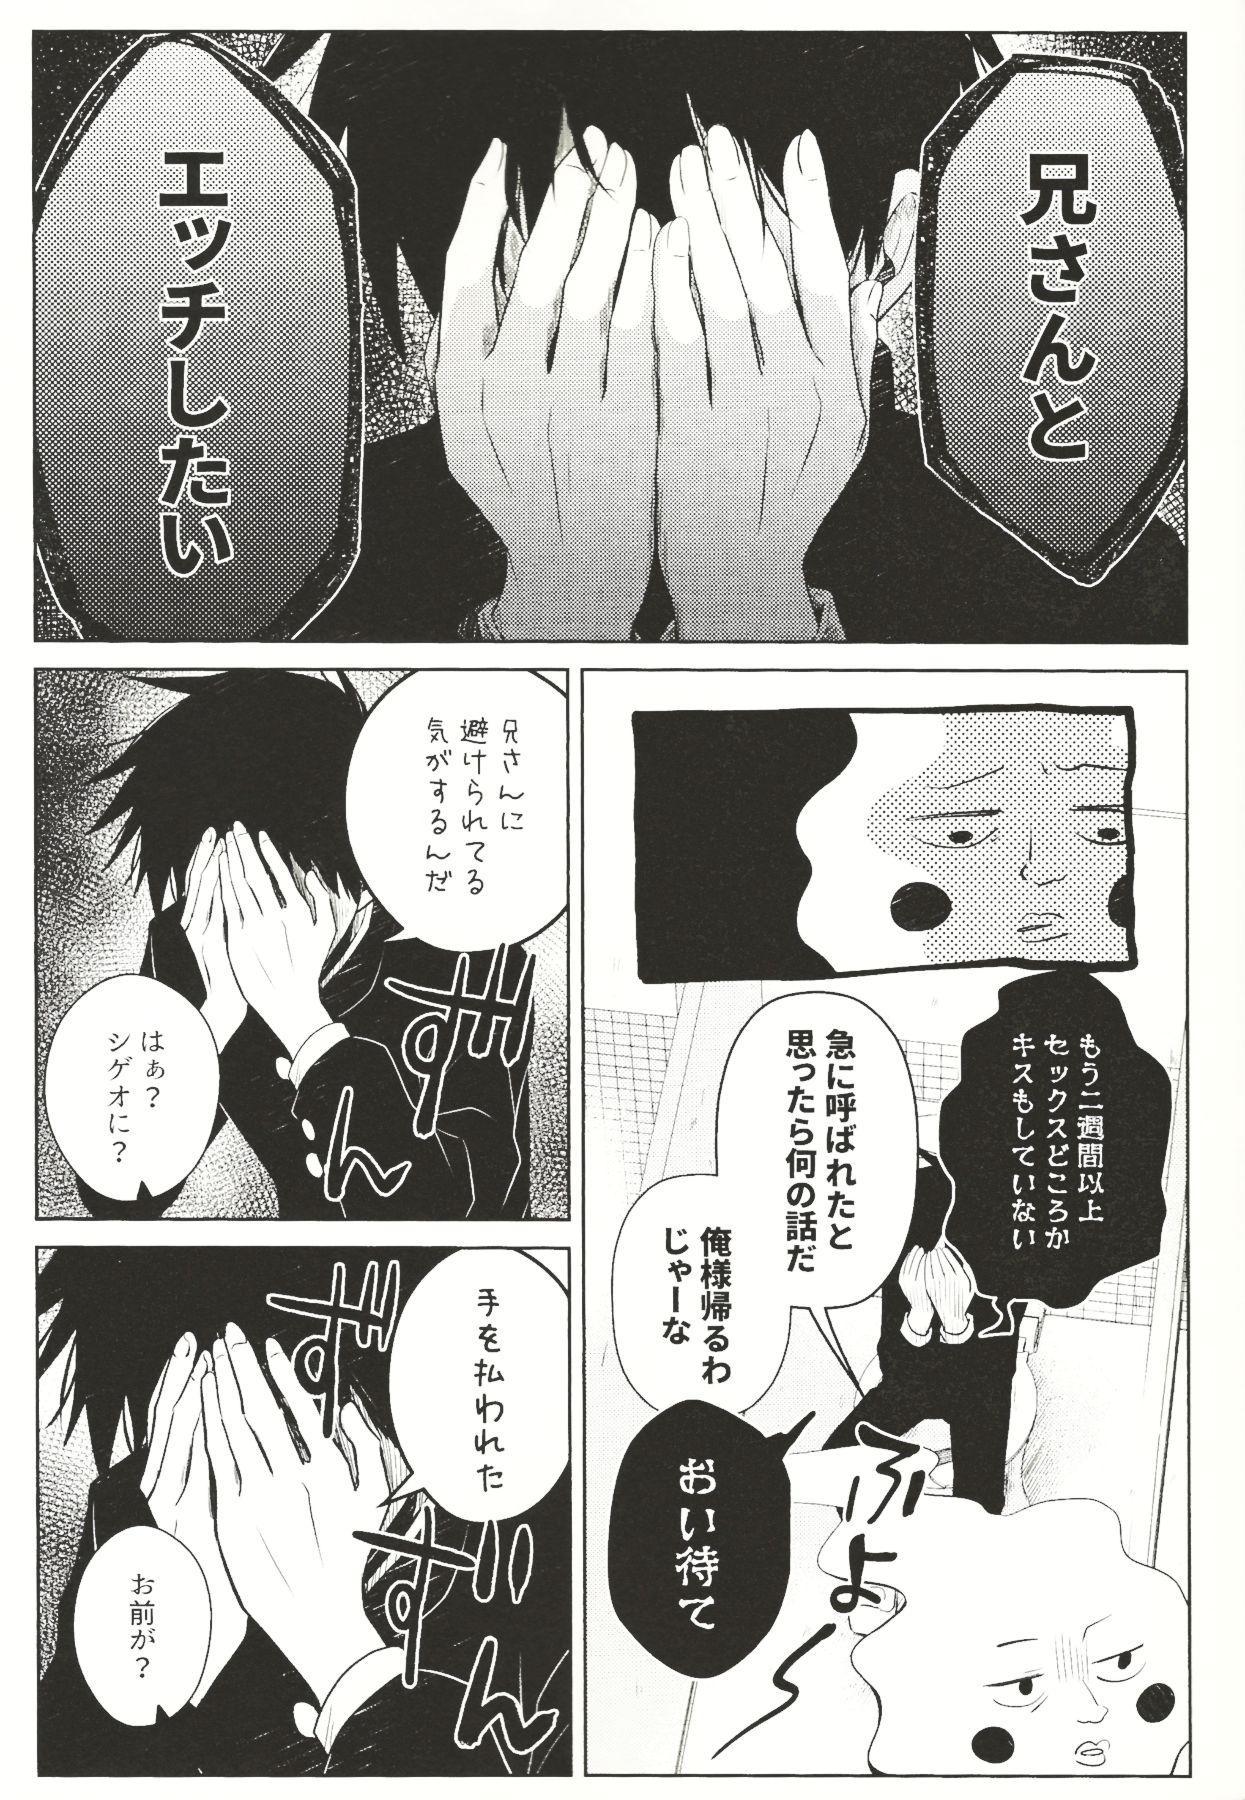 Kyojitsu 13